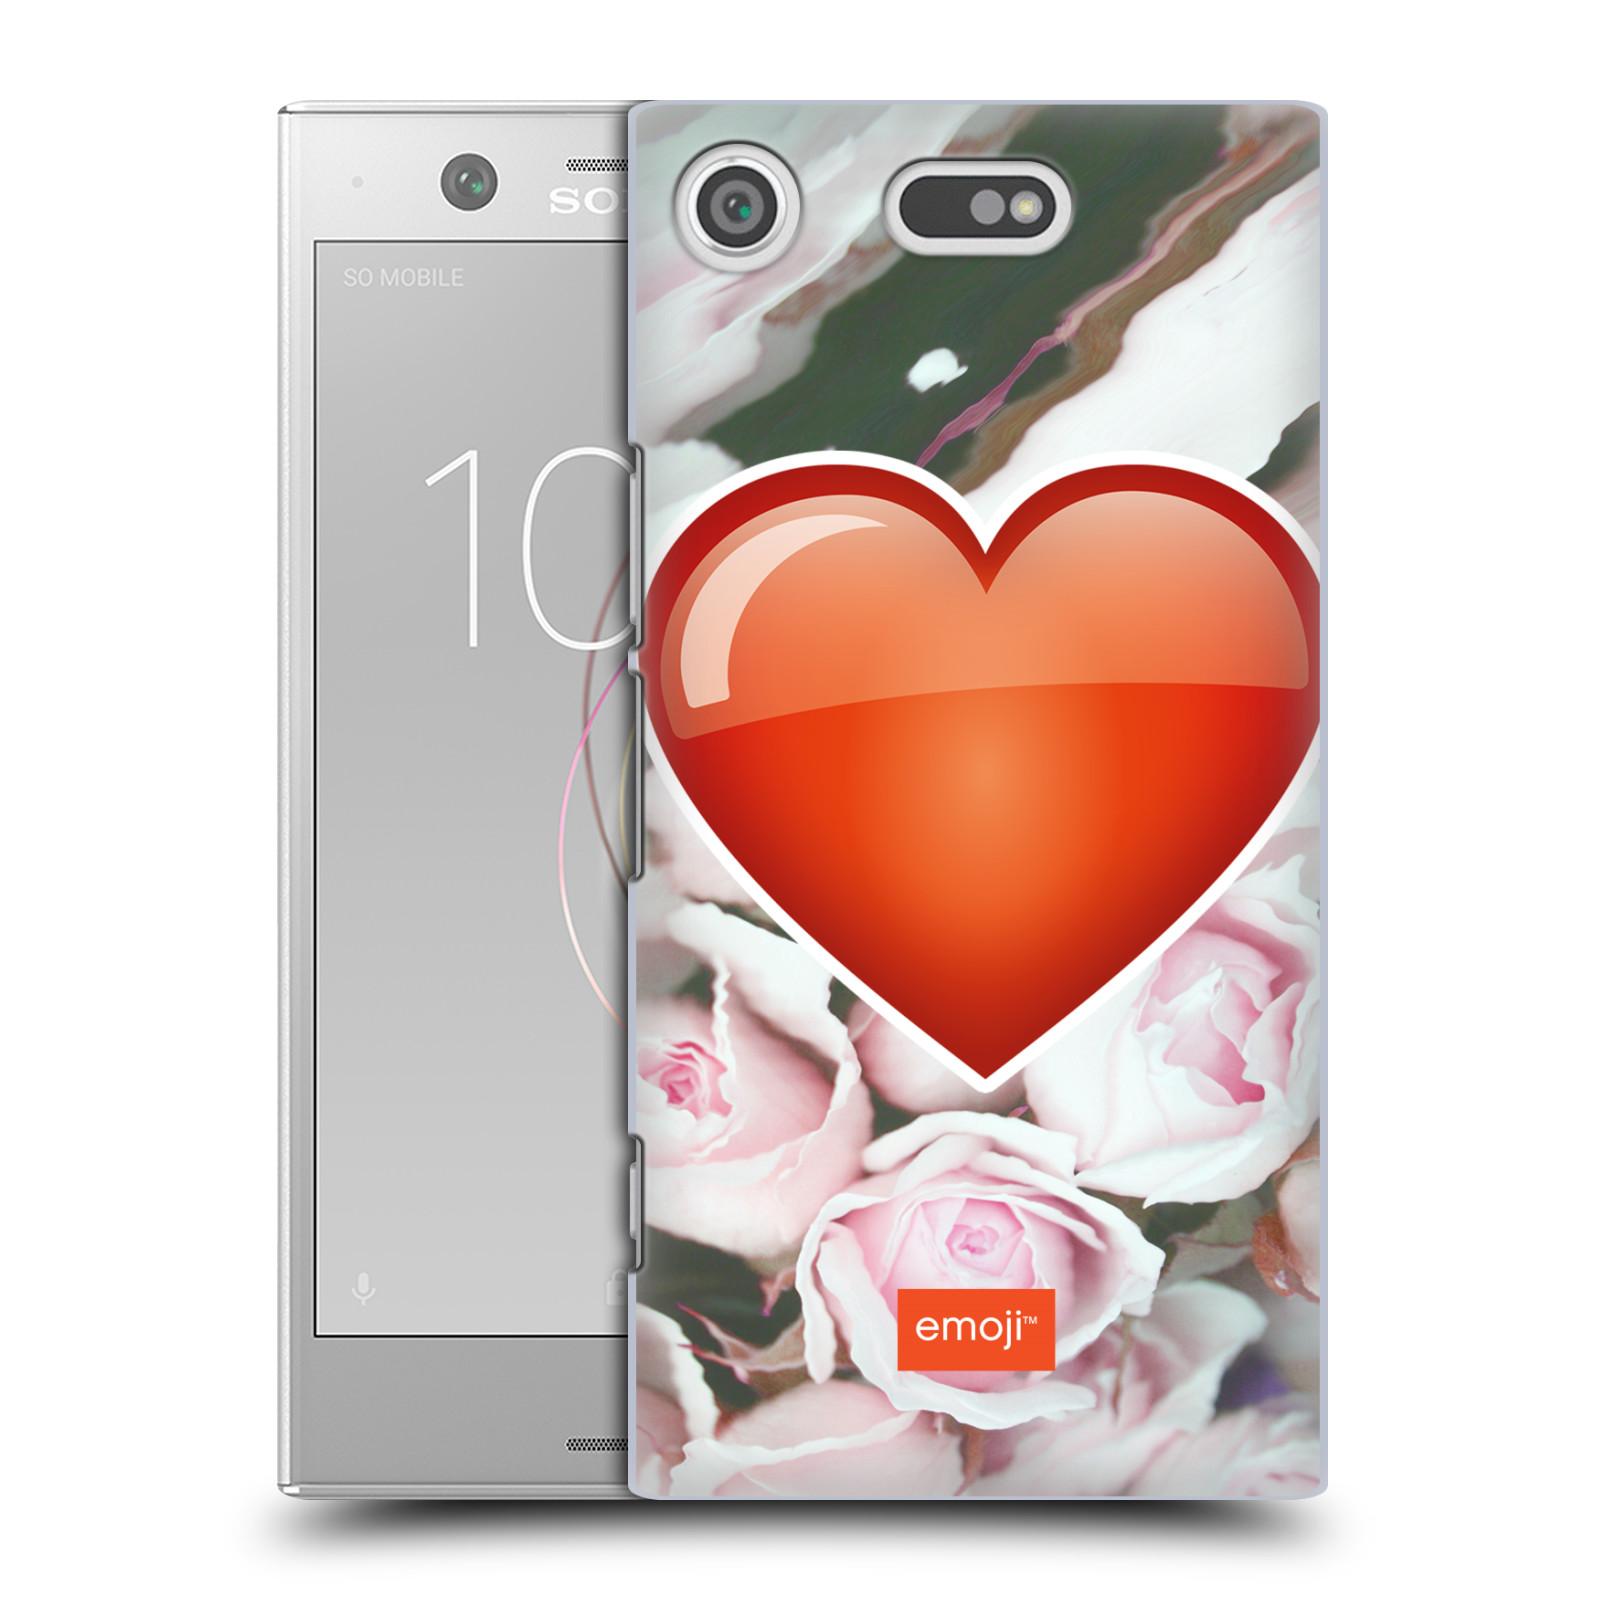 Pouzdro na mobil Sony Xperia XZ1 COMPACT - HEAD CASE - Emoji srdíčko